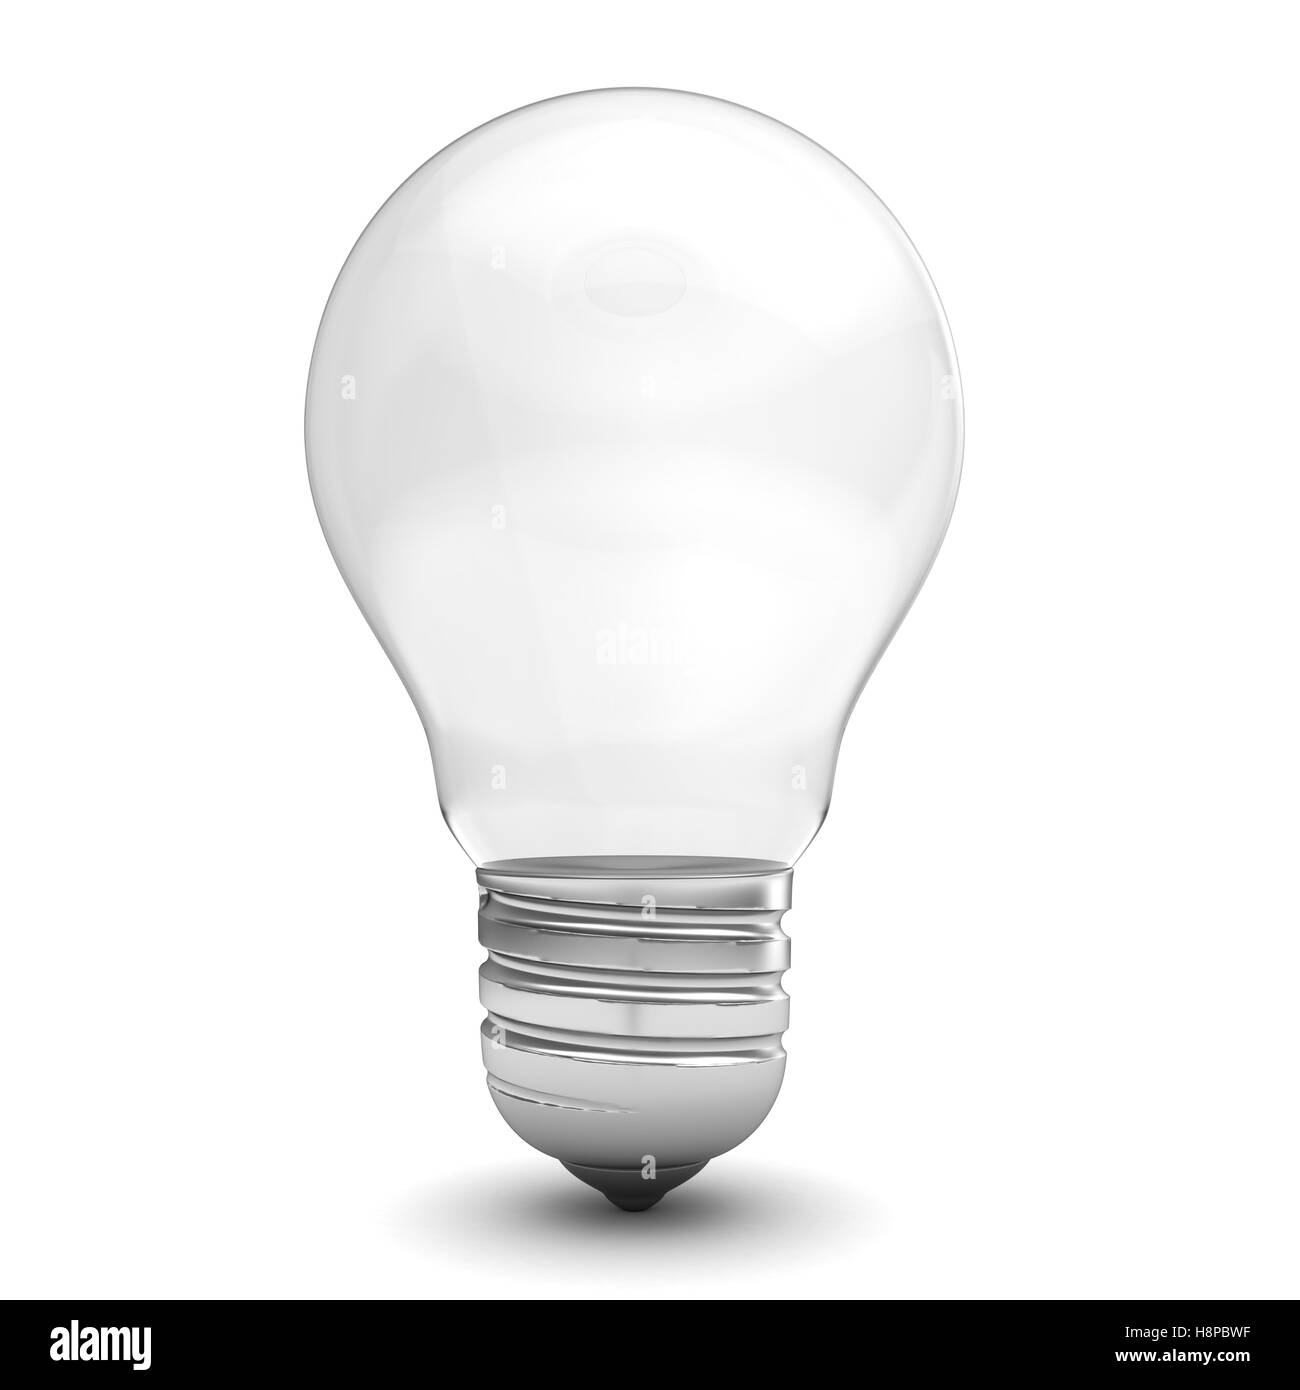 Nett Raum Vorlage Ideen - Beispielzusammenfassung Ideen ...